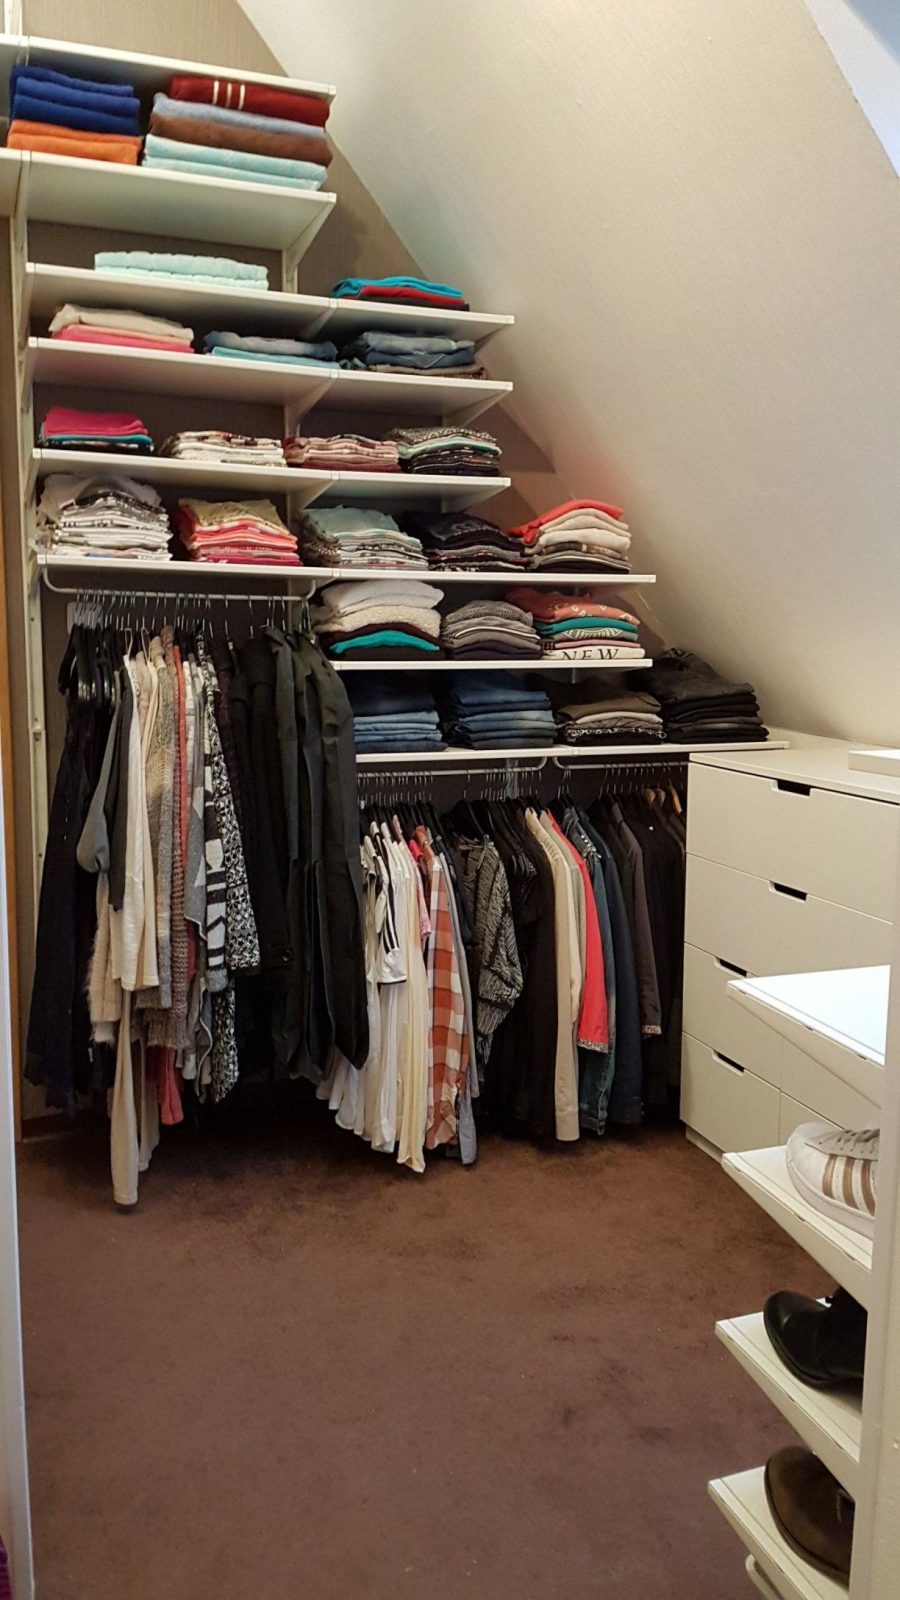 Unser Neues Ankleidezimmer Diy Ikea Selbermachen Regale Schrank von Kleiderschrank Selber Machen Ideen Bild